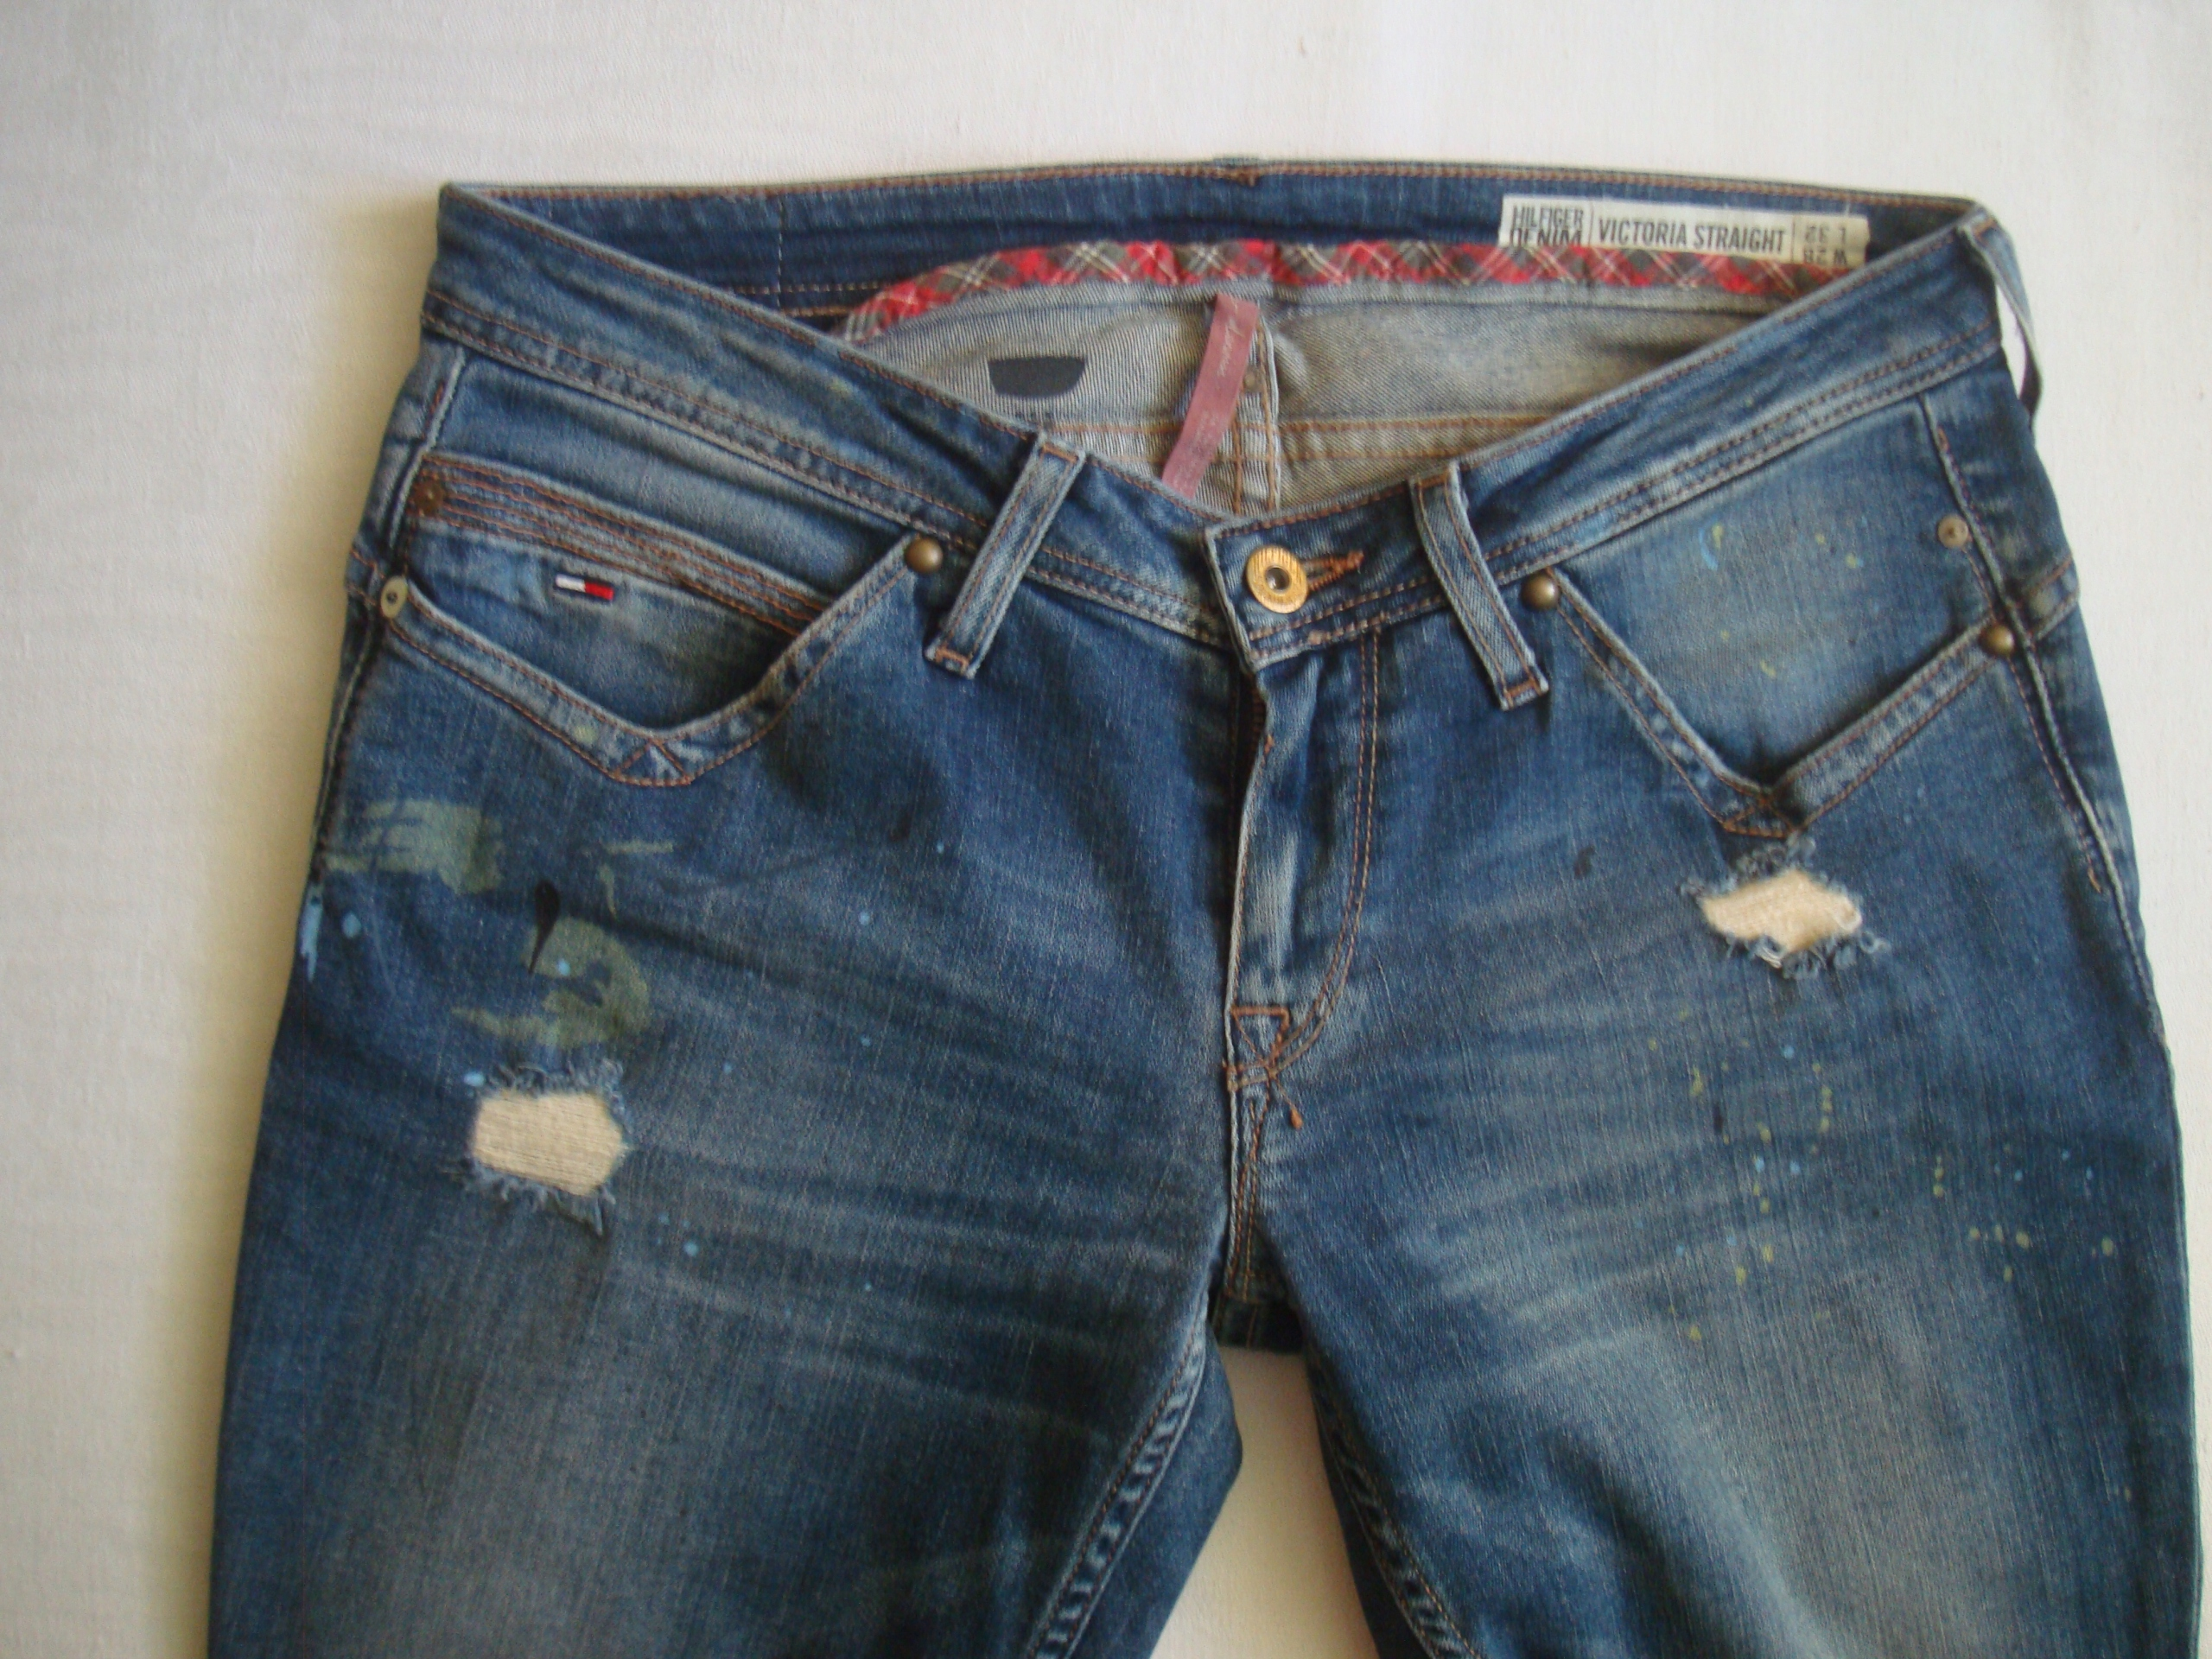 c629f05d1f595 Tommy Hilfiger jeansy damskie rozmiar 28/32 - 7701861707 - oficjalne ...